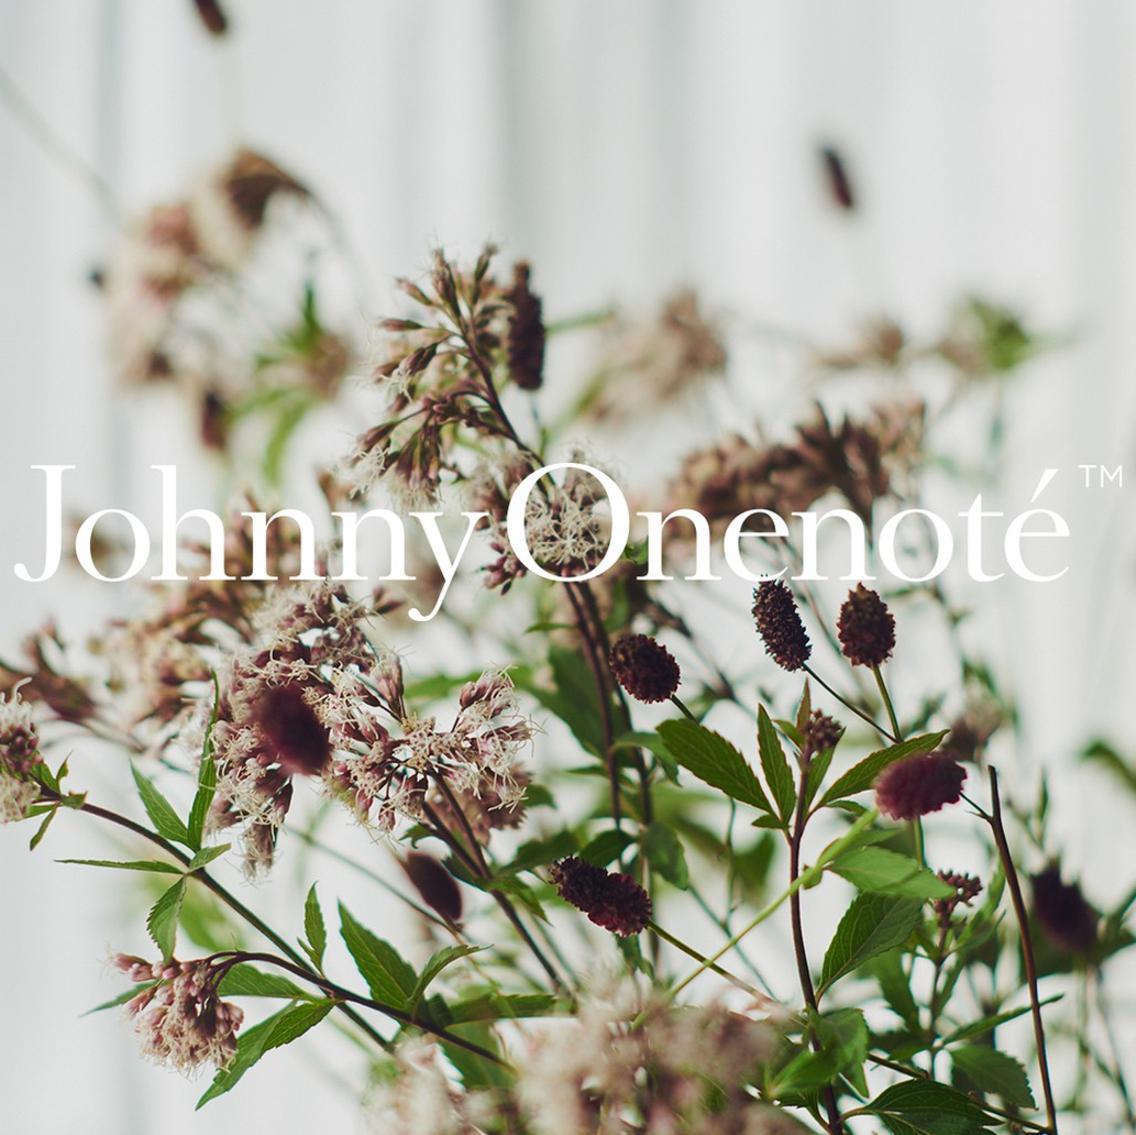 【Johnny One note】ジョニーワンノート所属・千葉咲枝〈 チバサキエ 〉の掲載